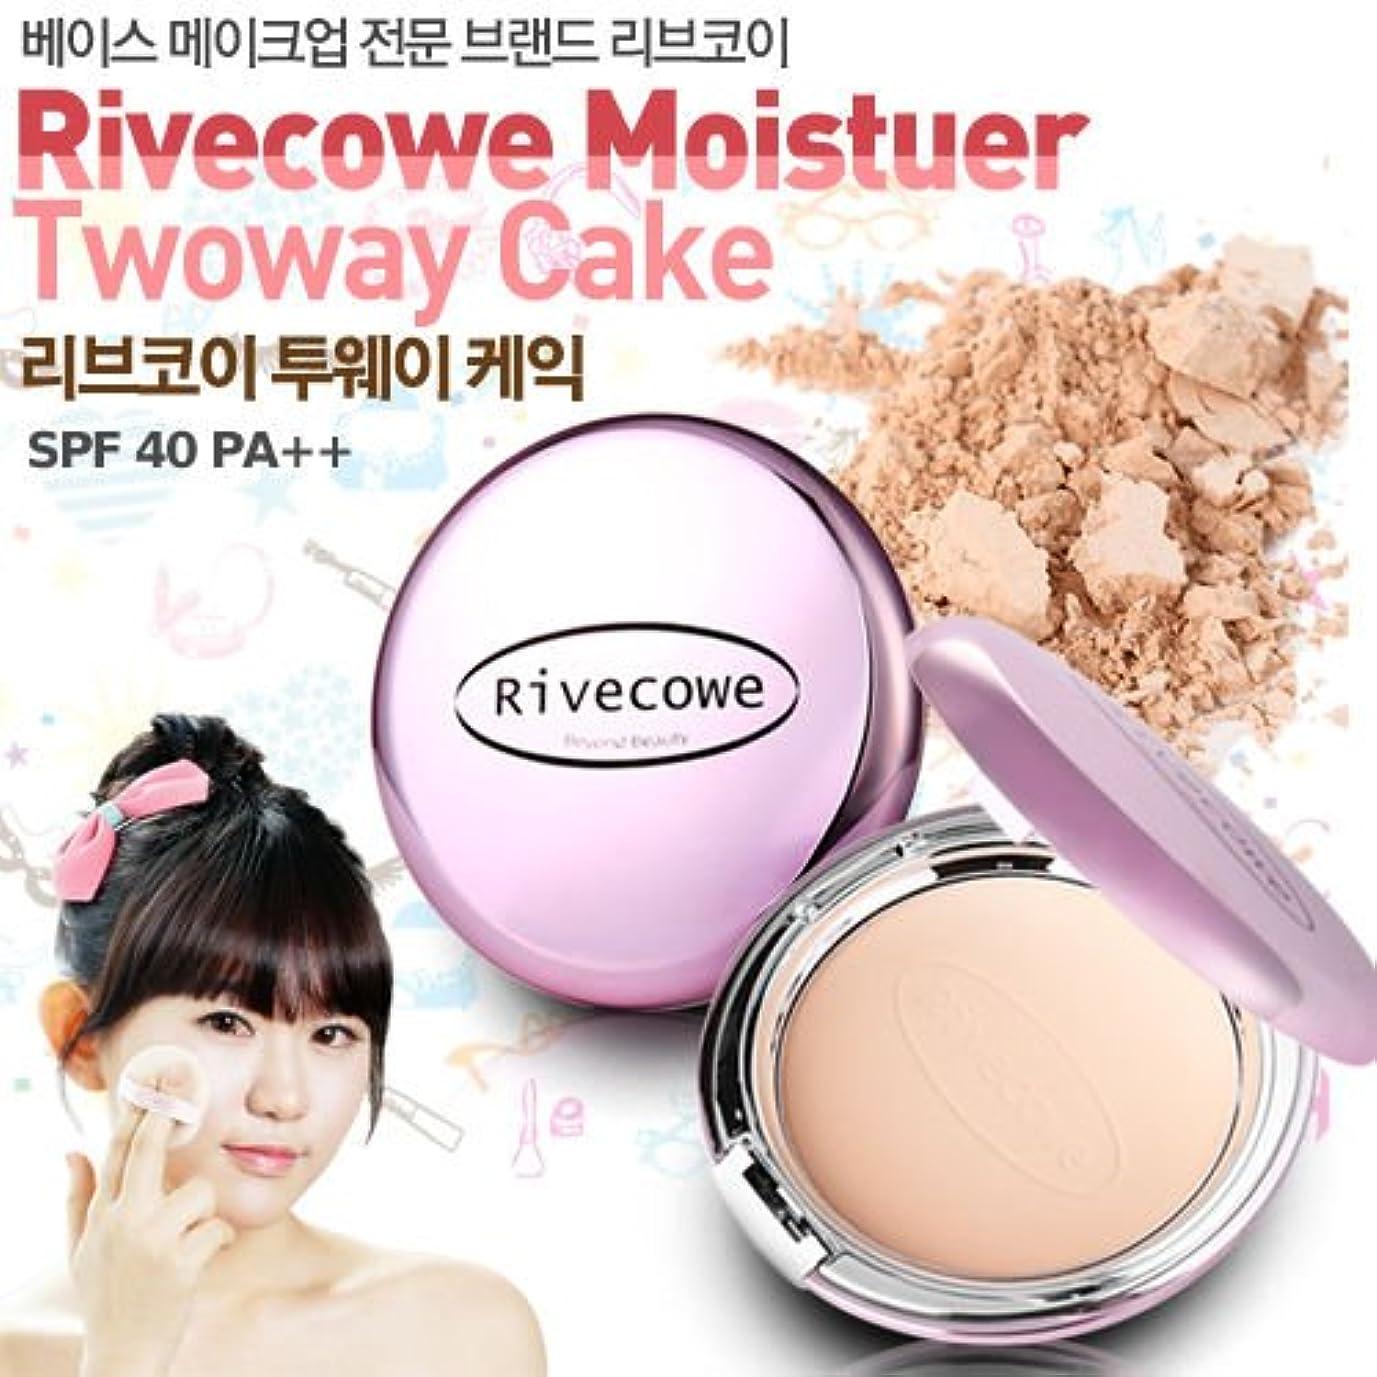 応じる情熱的広まったRivecowe Moisture Twoway Cake (Foundation + Powder) SPF40PA++ 12g (No. 21 Natural Beige) [並行輸入品]